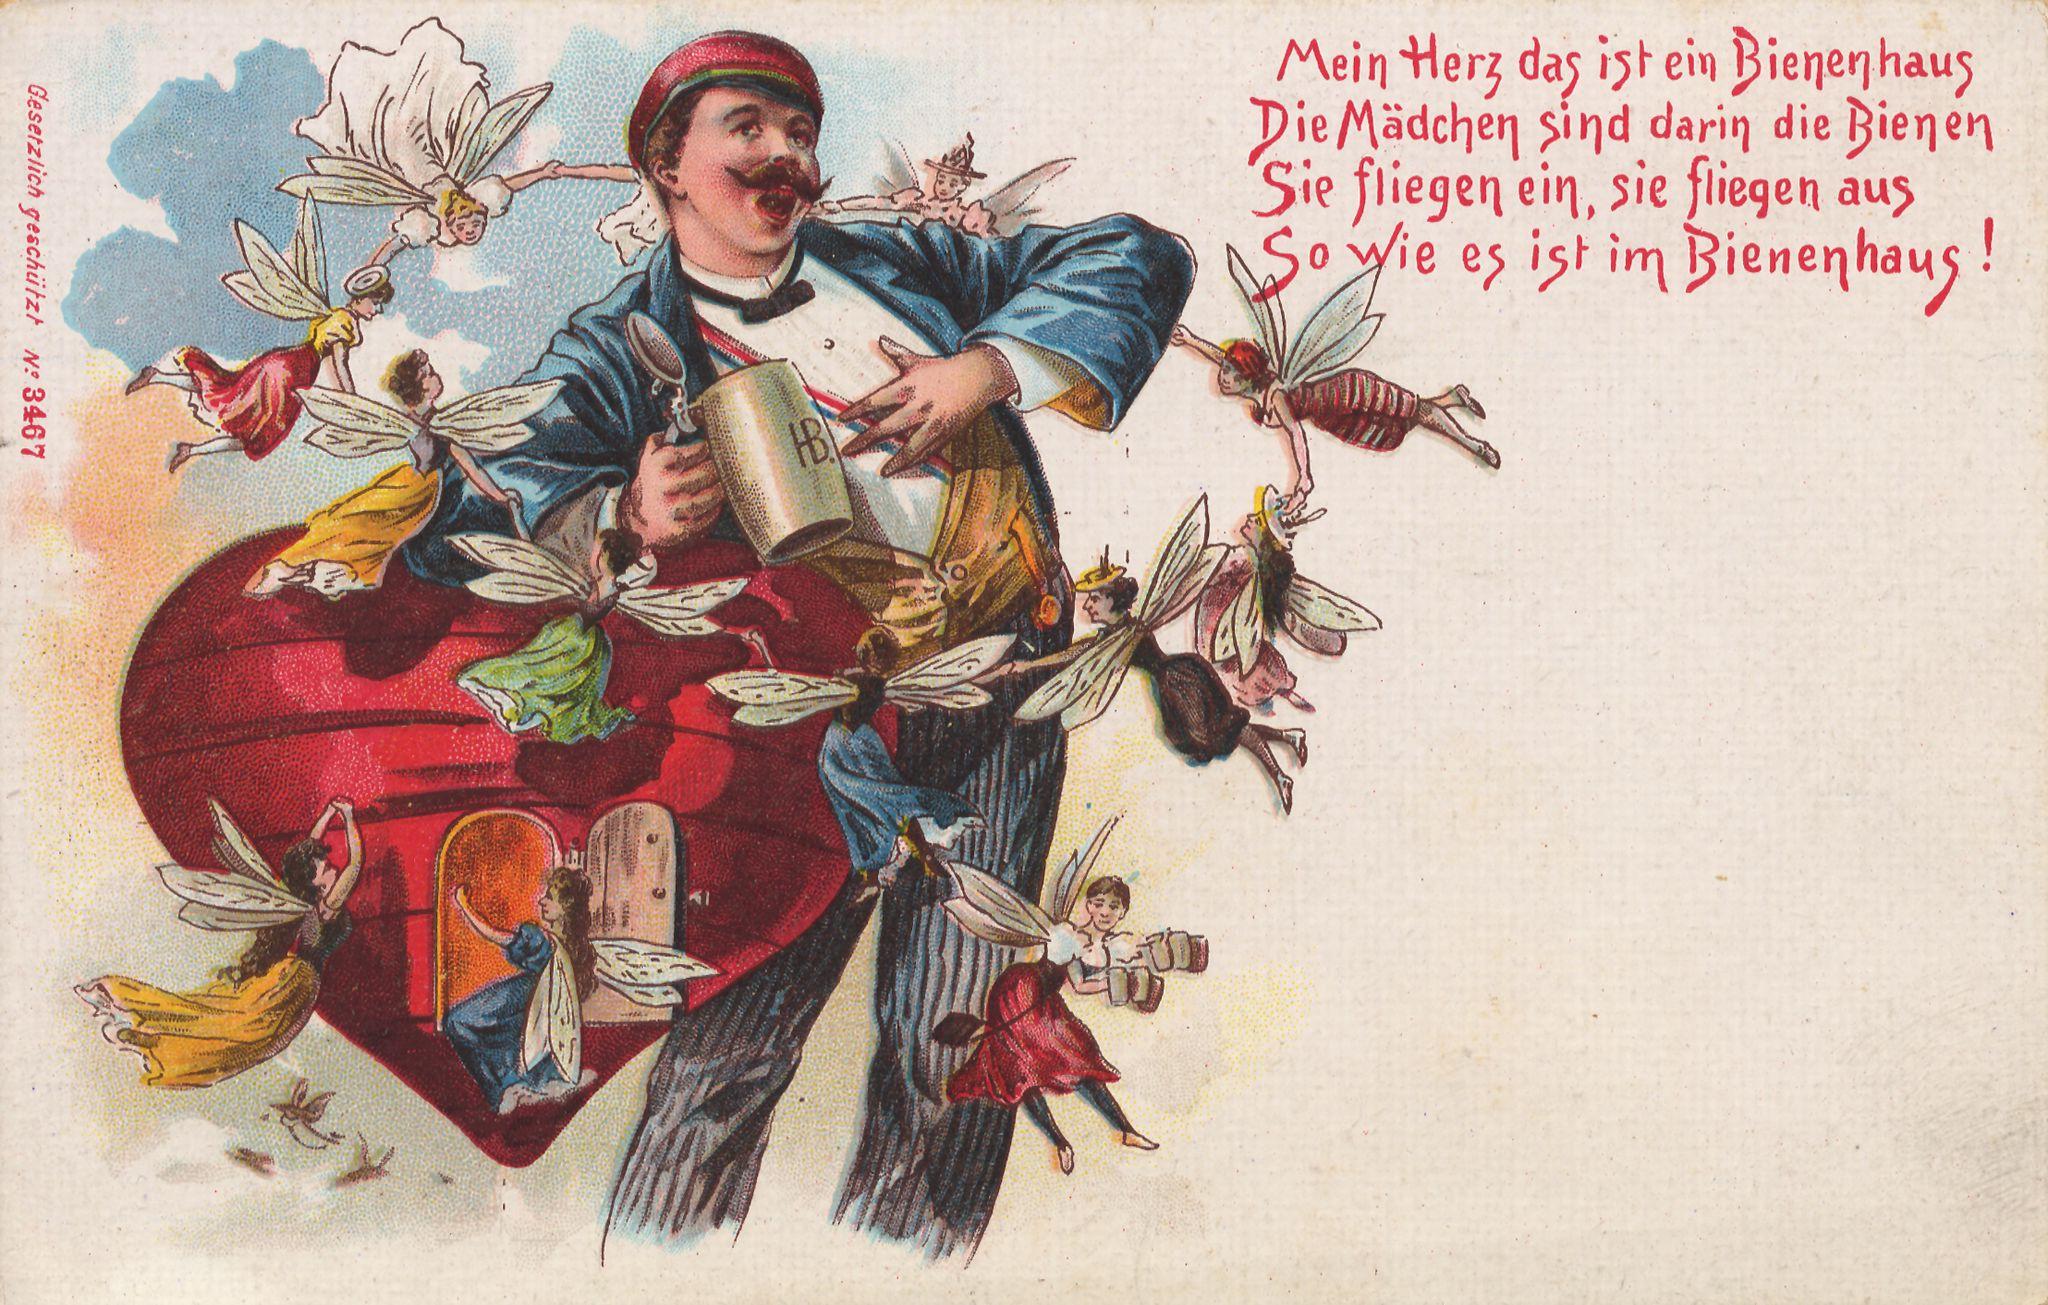 польские открытки с днем рождения прошлом